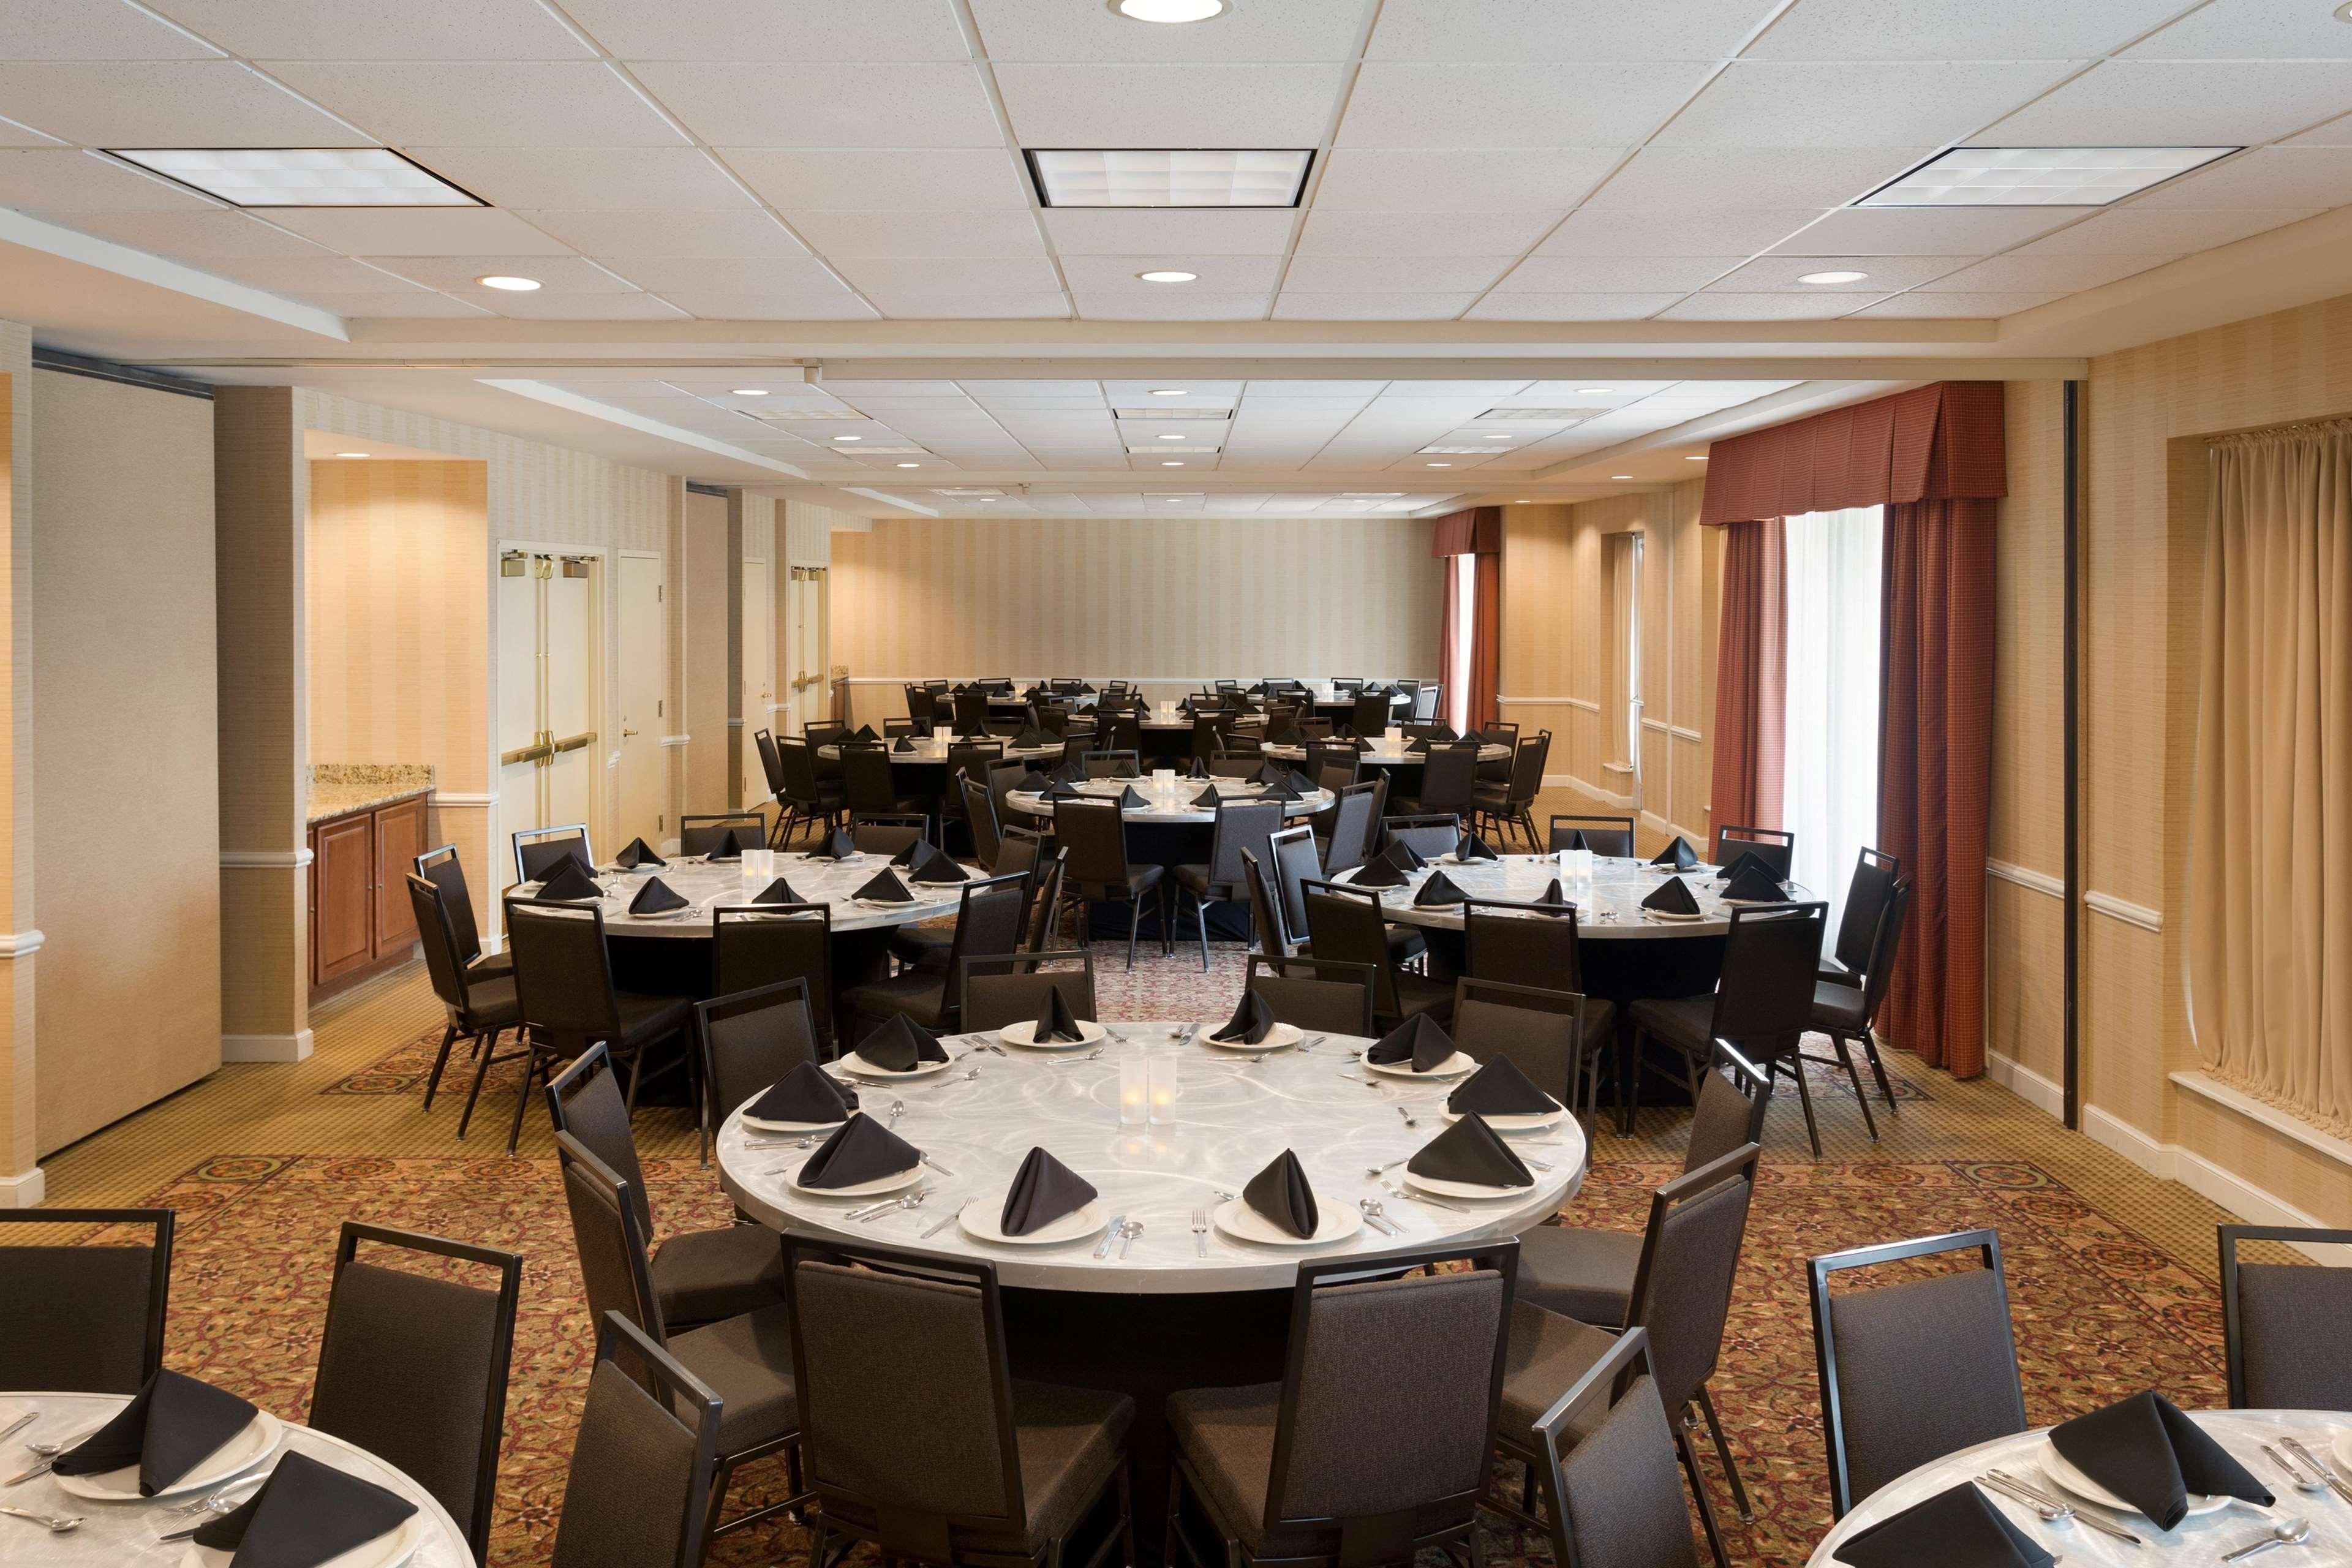 Hilton Garden Inn Chicago Oakbrook Terrace In Oakbrook Terrace Il 60181